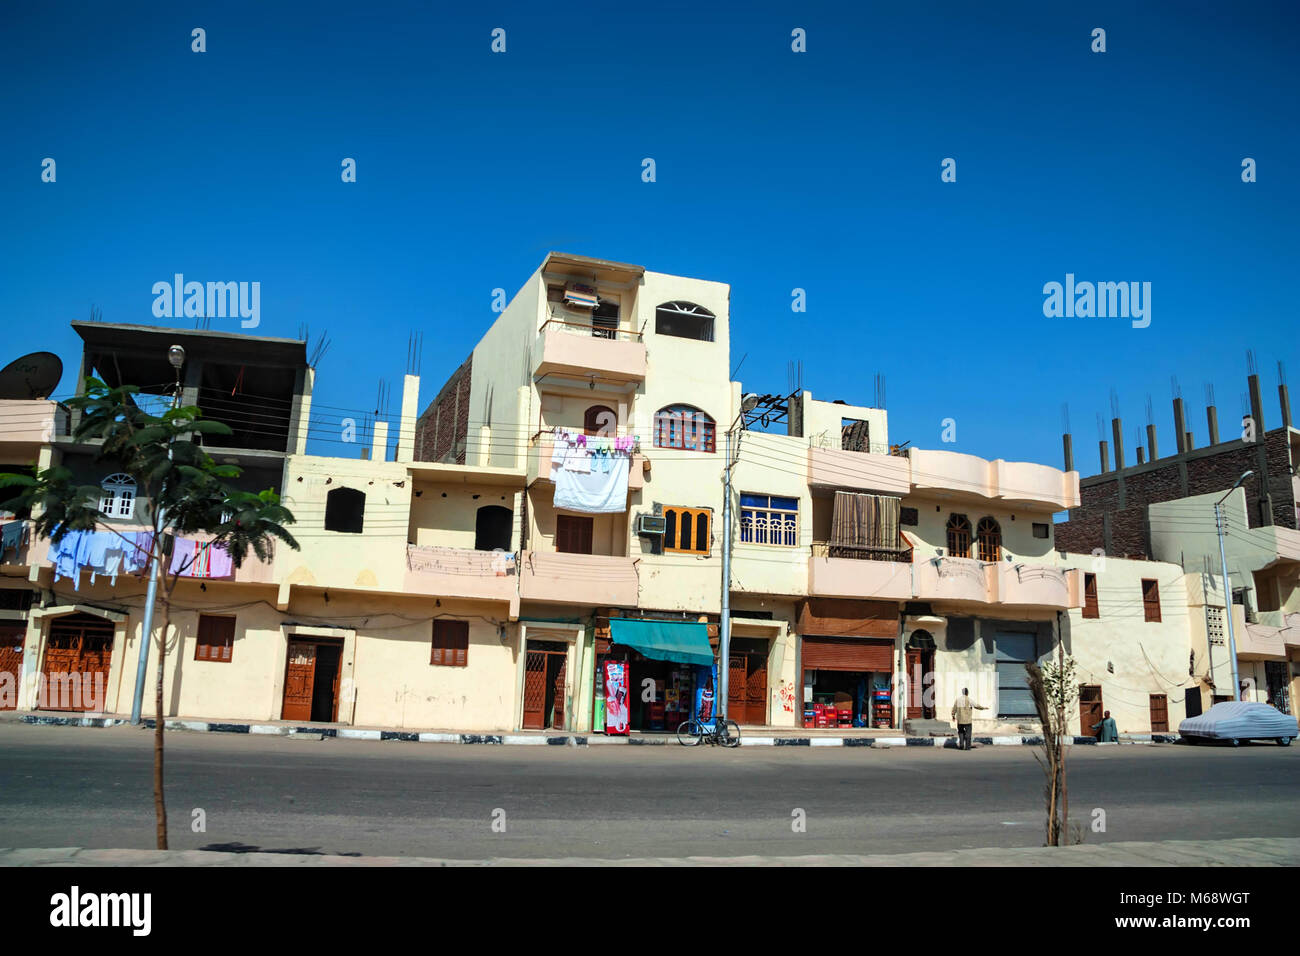 Louxor, Egypte - 17 février 2010: immeubles de Louxor, Egypte. Photo Stock